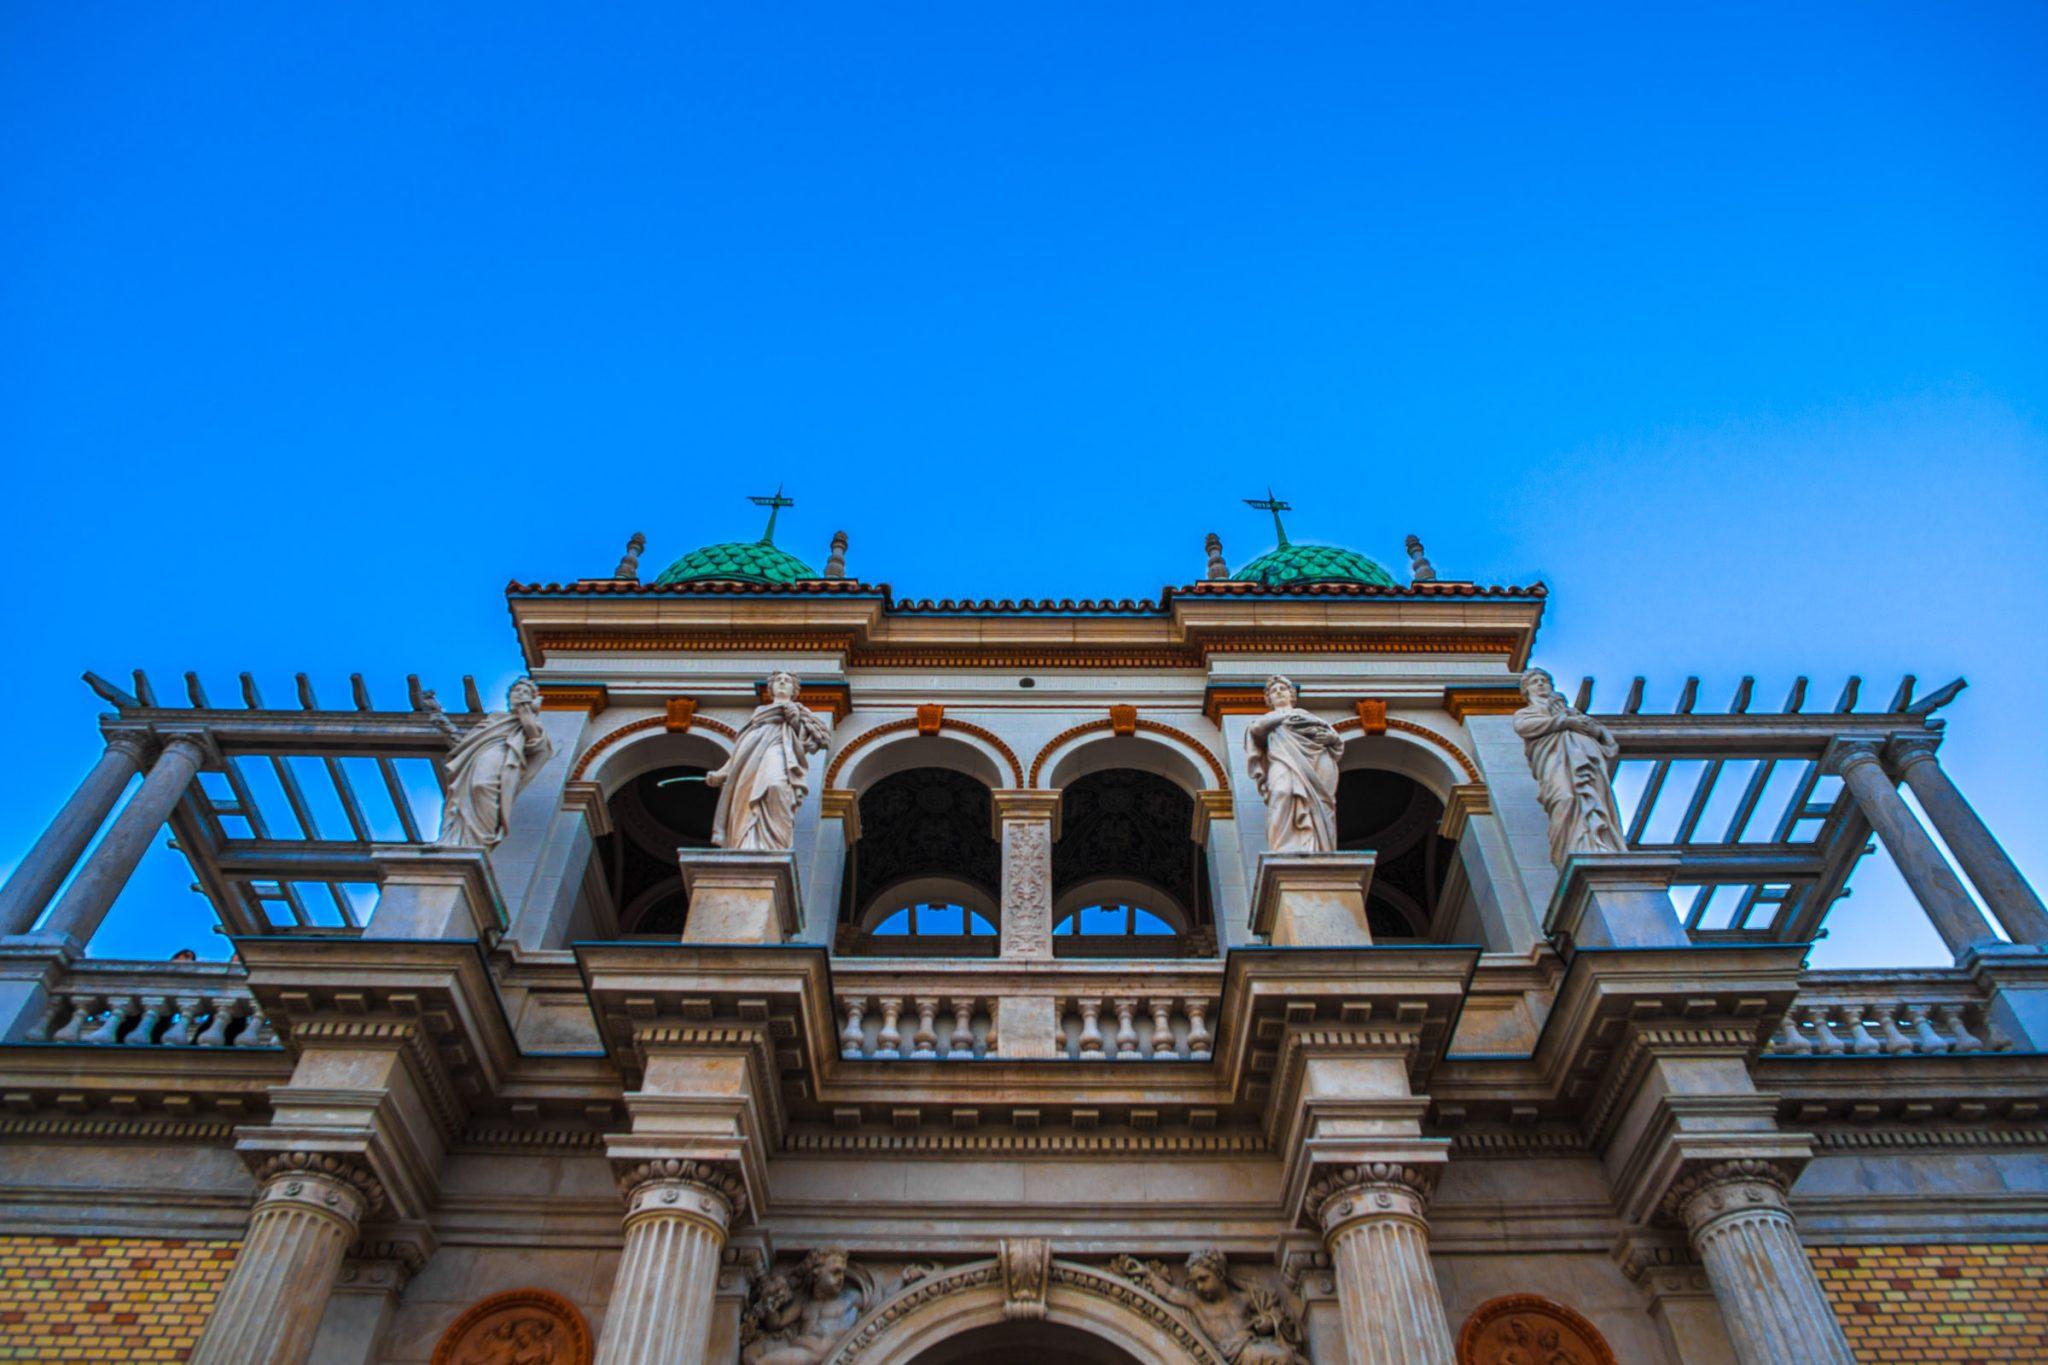 Some fantastic architecture